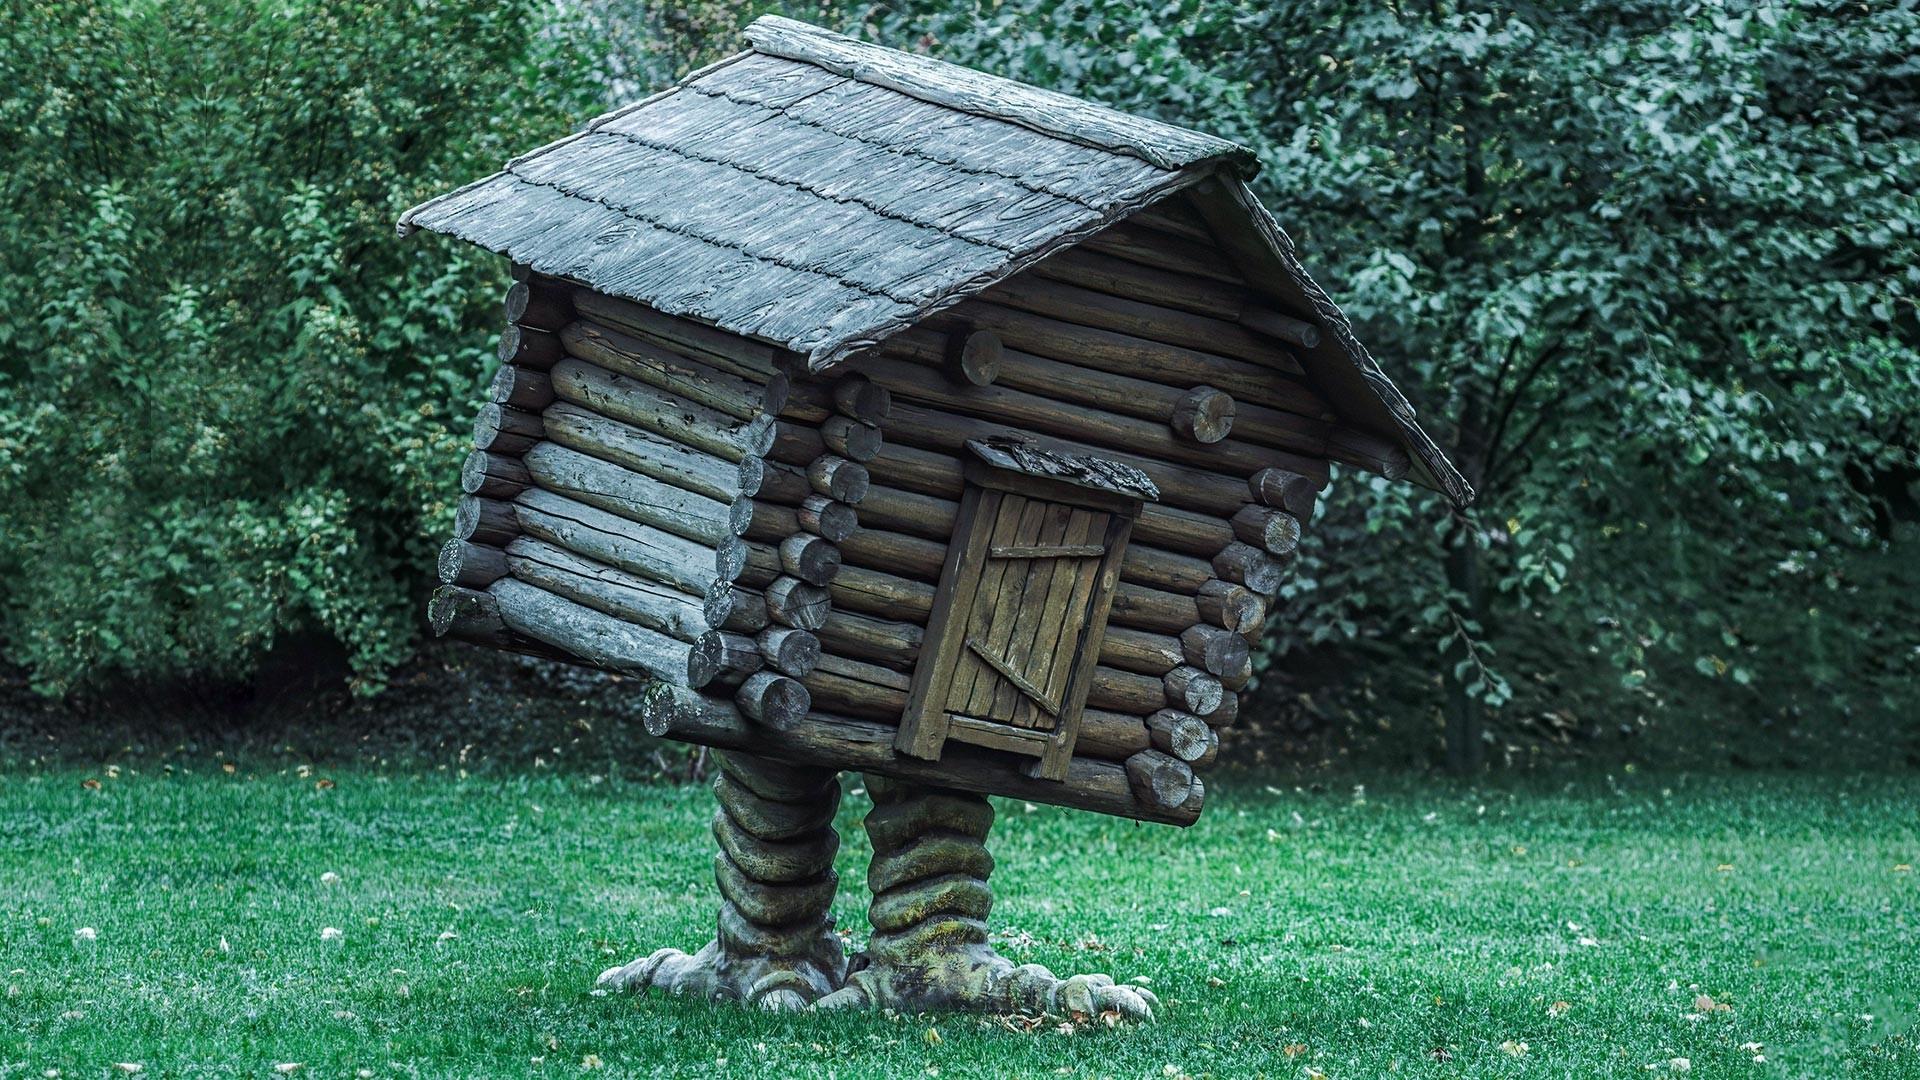 """Sebuah """"gubuk di atas kaki ayam"""" dalam cerita rakyat Rusia — rumah seorang penyihir tua bernama  Baba Yaga. Perhatikan kesamaan antara gubuk ini dan makam di atas tanah."""